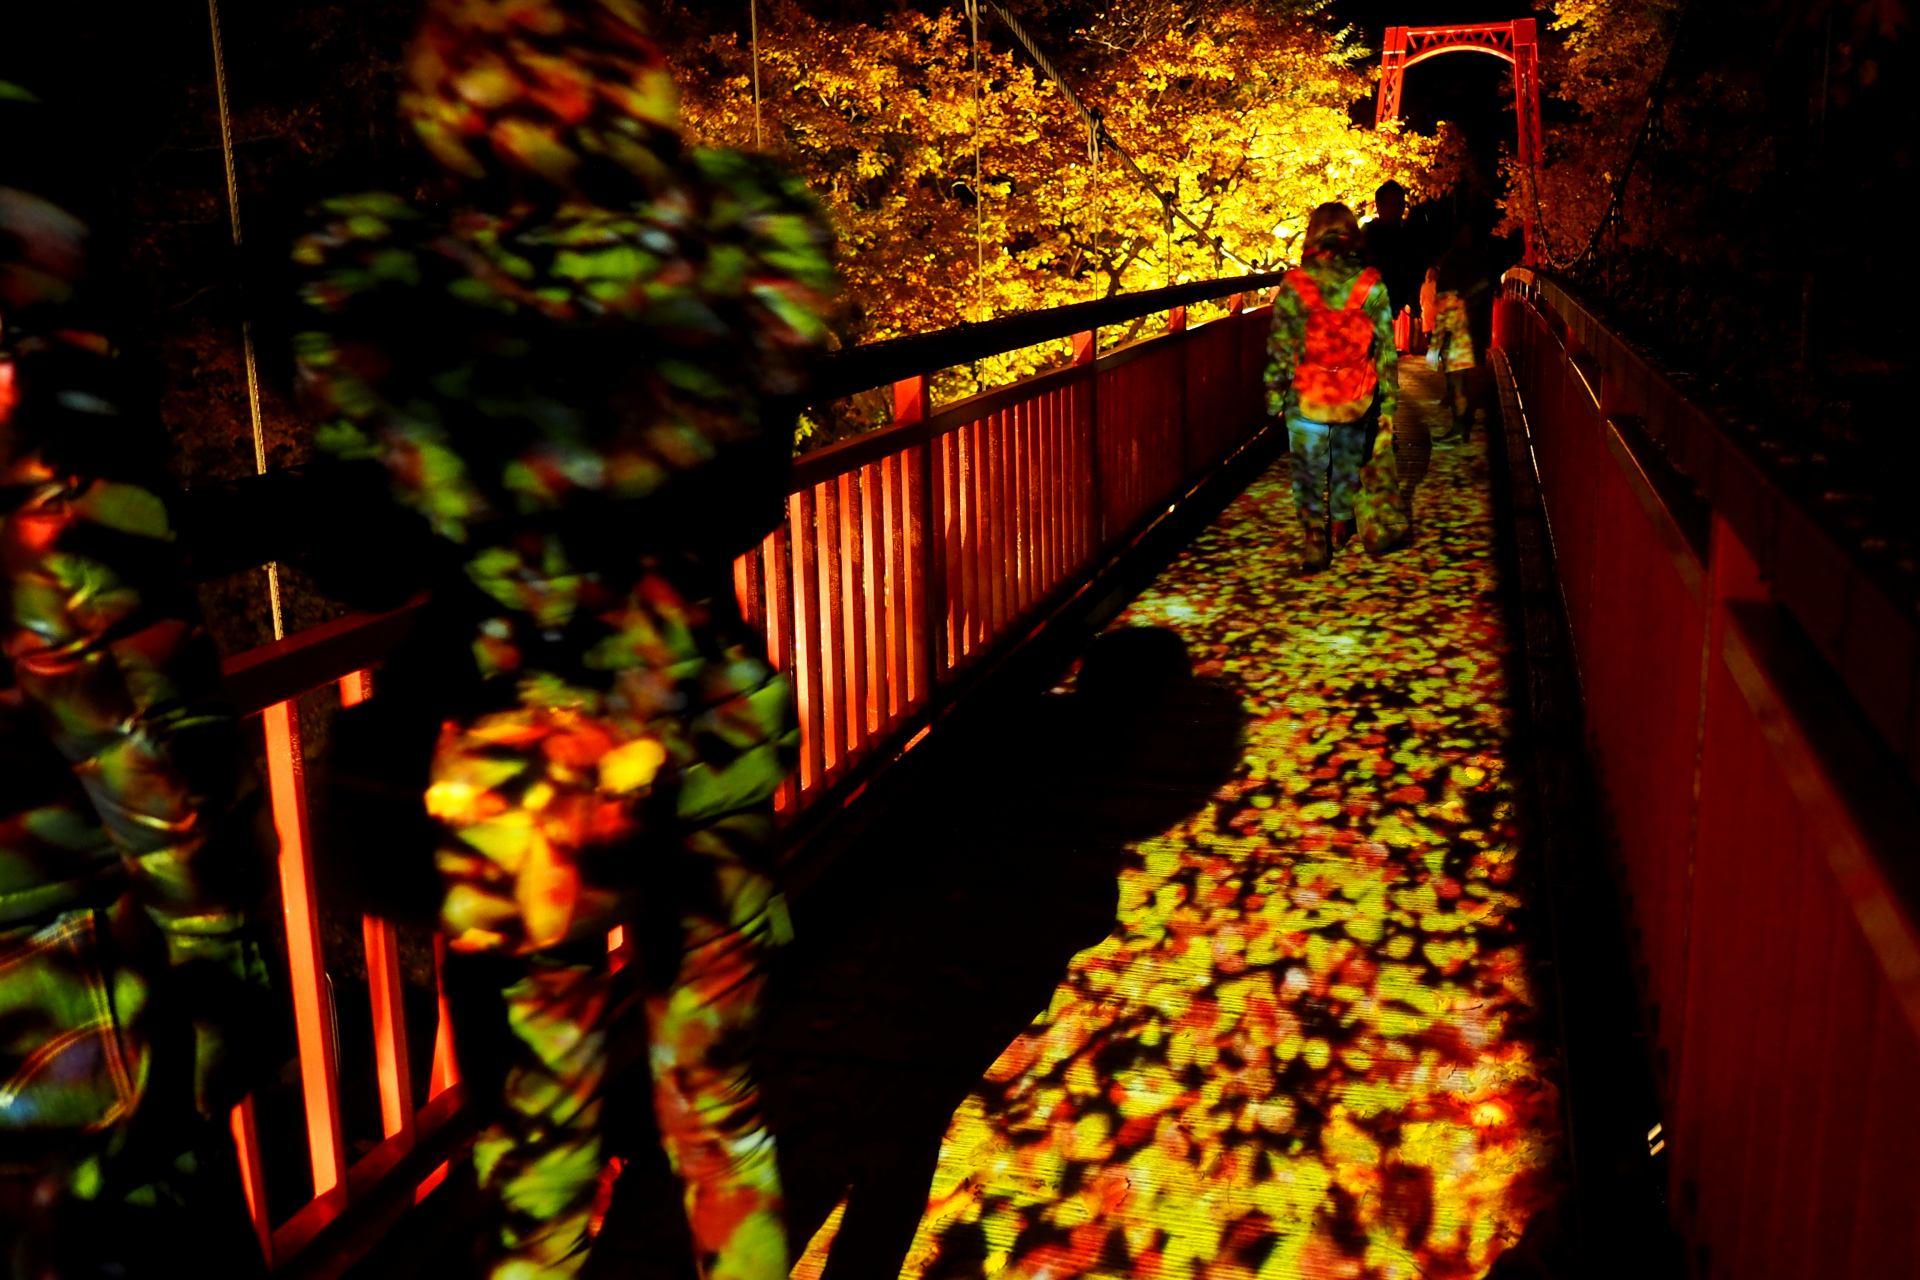 秋天之二見吊橋點燈 夢幻般的世界